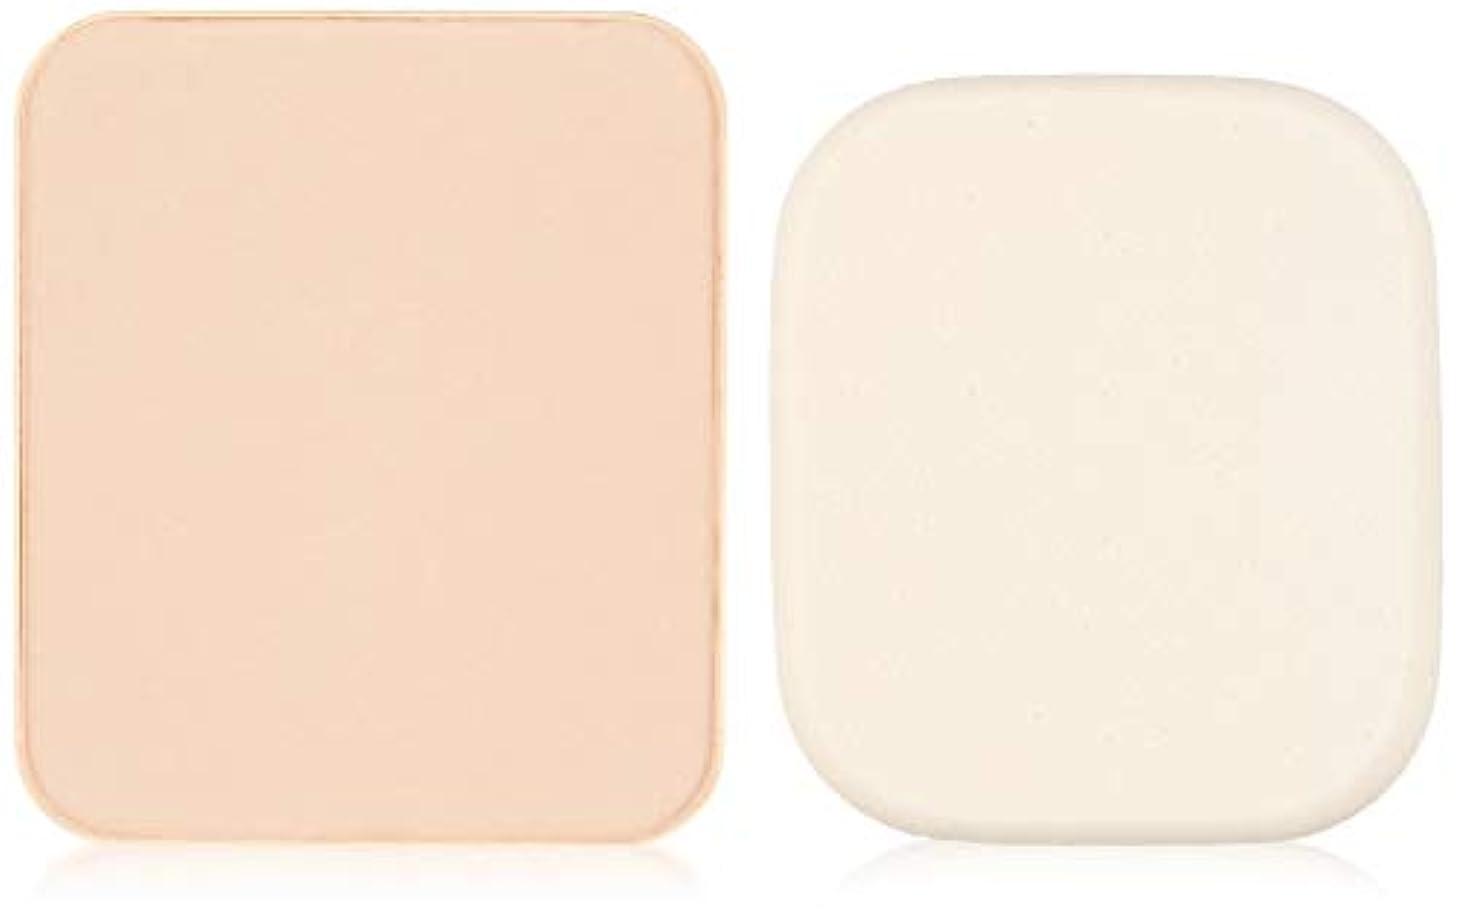 脅威地雷原レンズto/one(トーン) デューイ モイスト パウダリーファンデーション 全6色 101 明るい肌色の方向けのピンクオークル 101 Li 11g